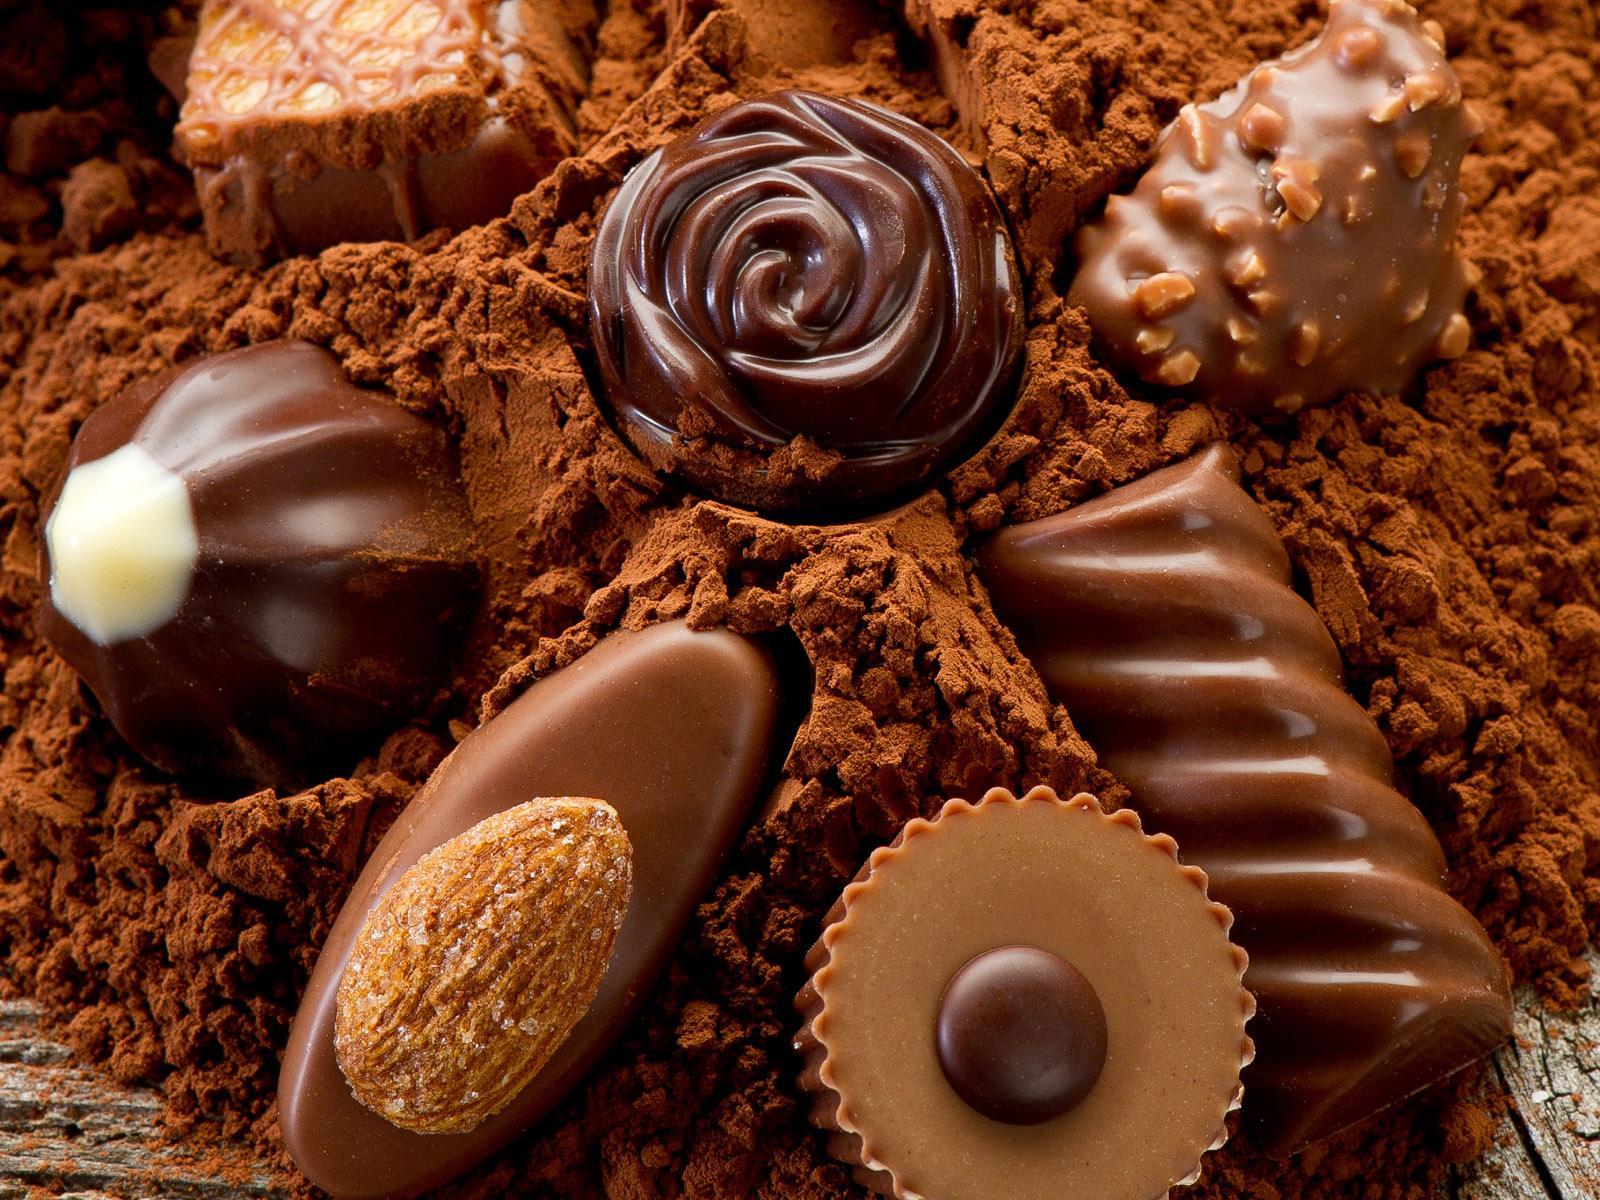 SHokoladnye konfety V kakao 1600x1200